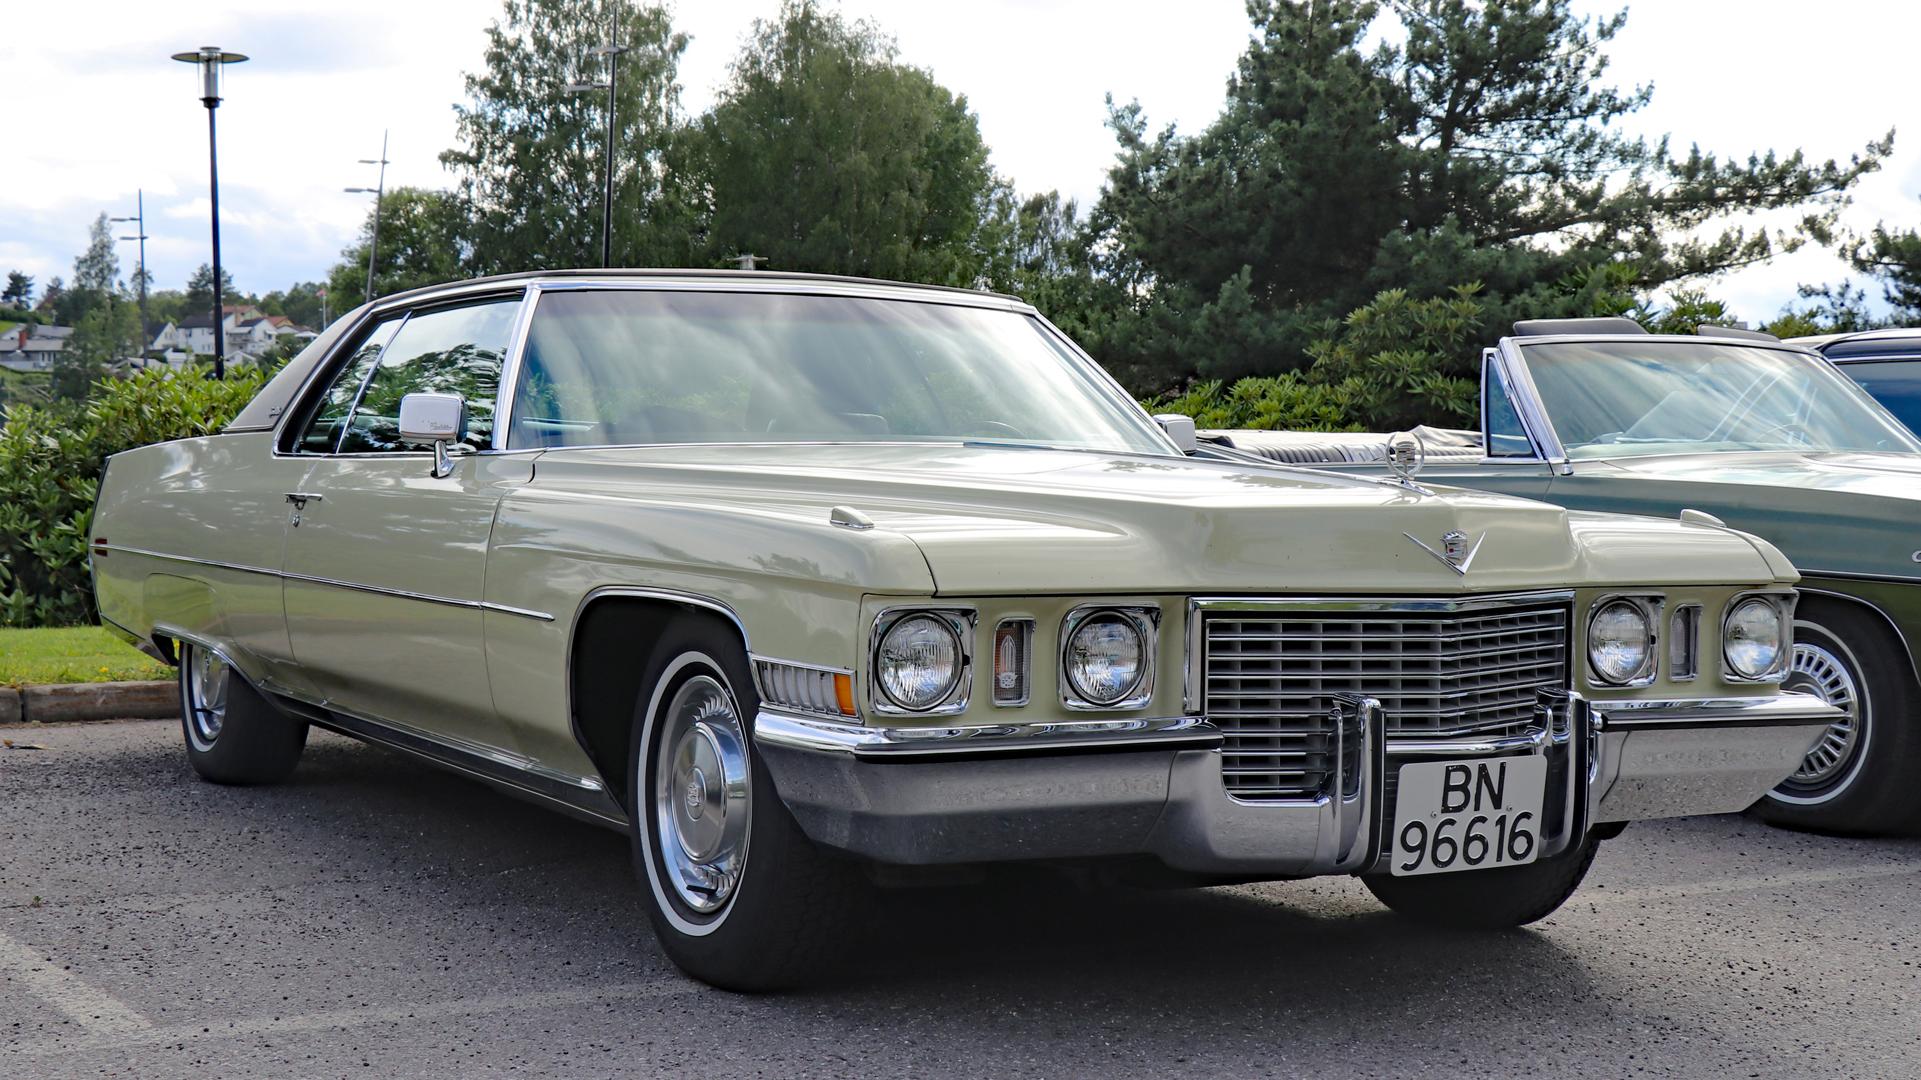 329-1972 Cadillac Coupe DeVille 01. Eier- medlem 3